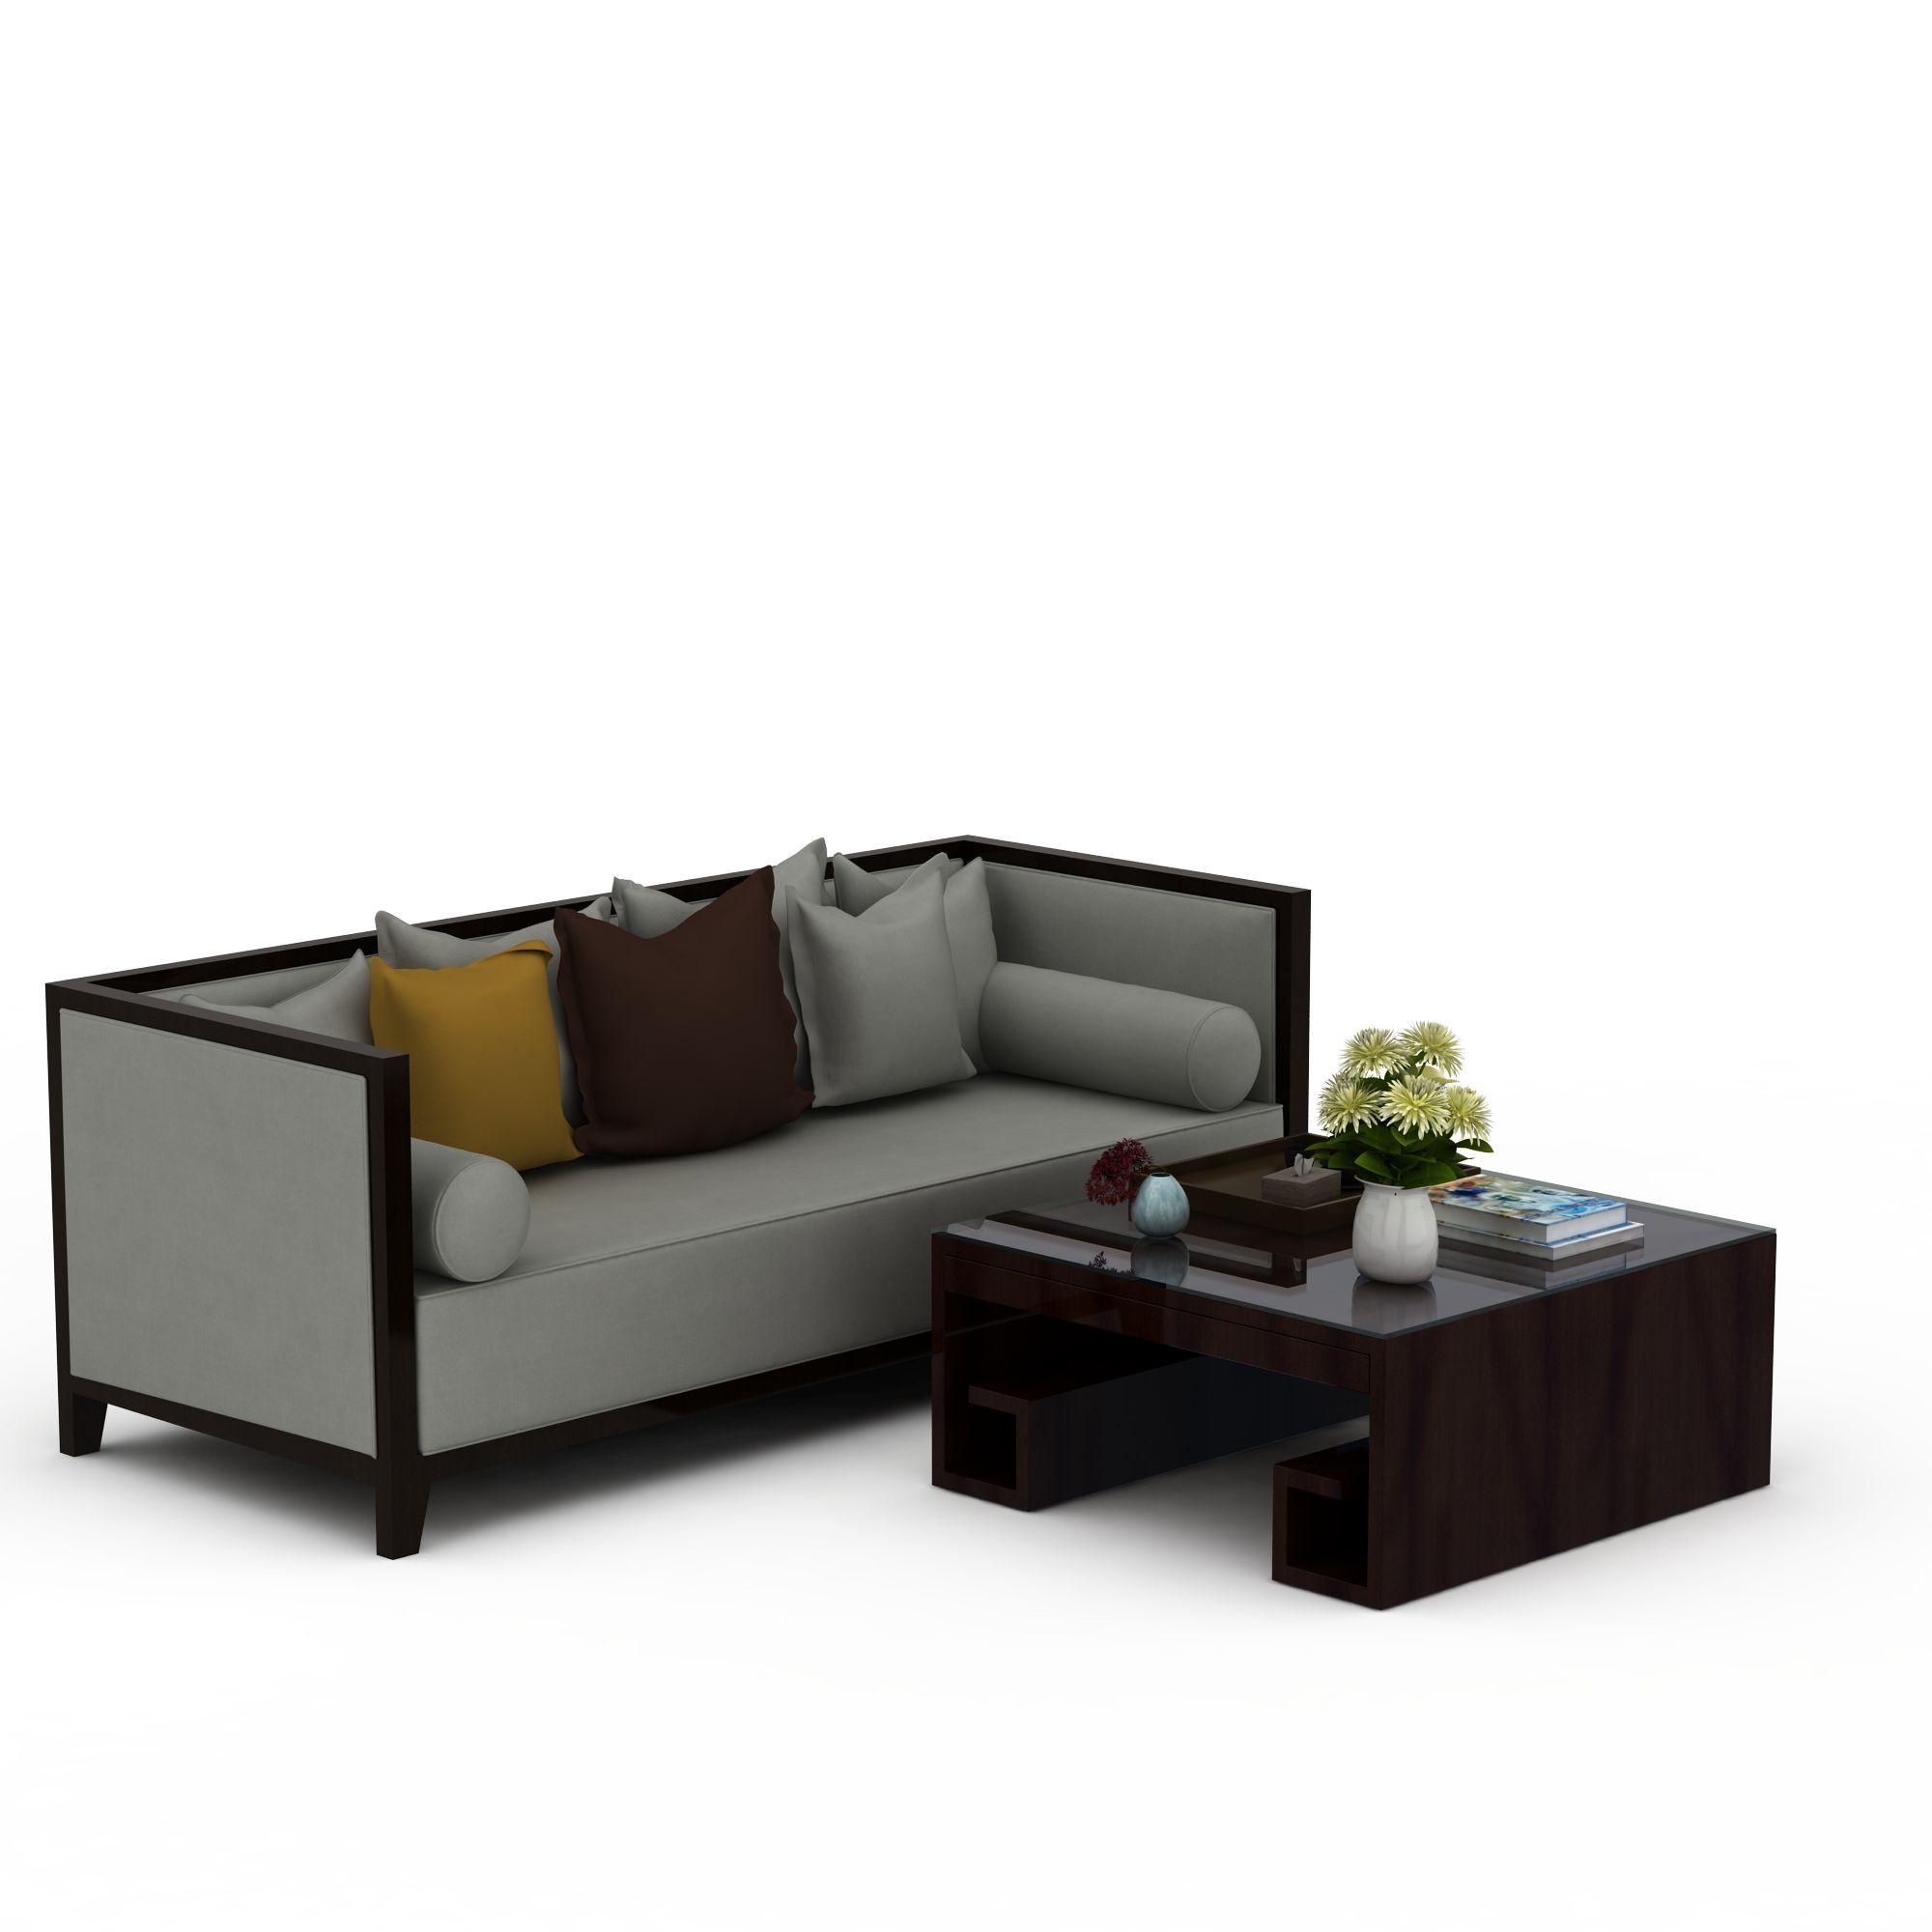 新中式沙发茶几组合png高清图  新中式沙发茶几组合高清图详情 设计师